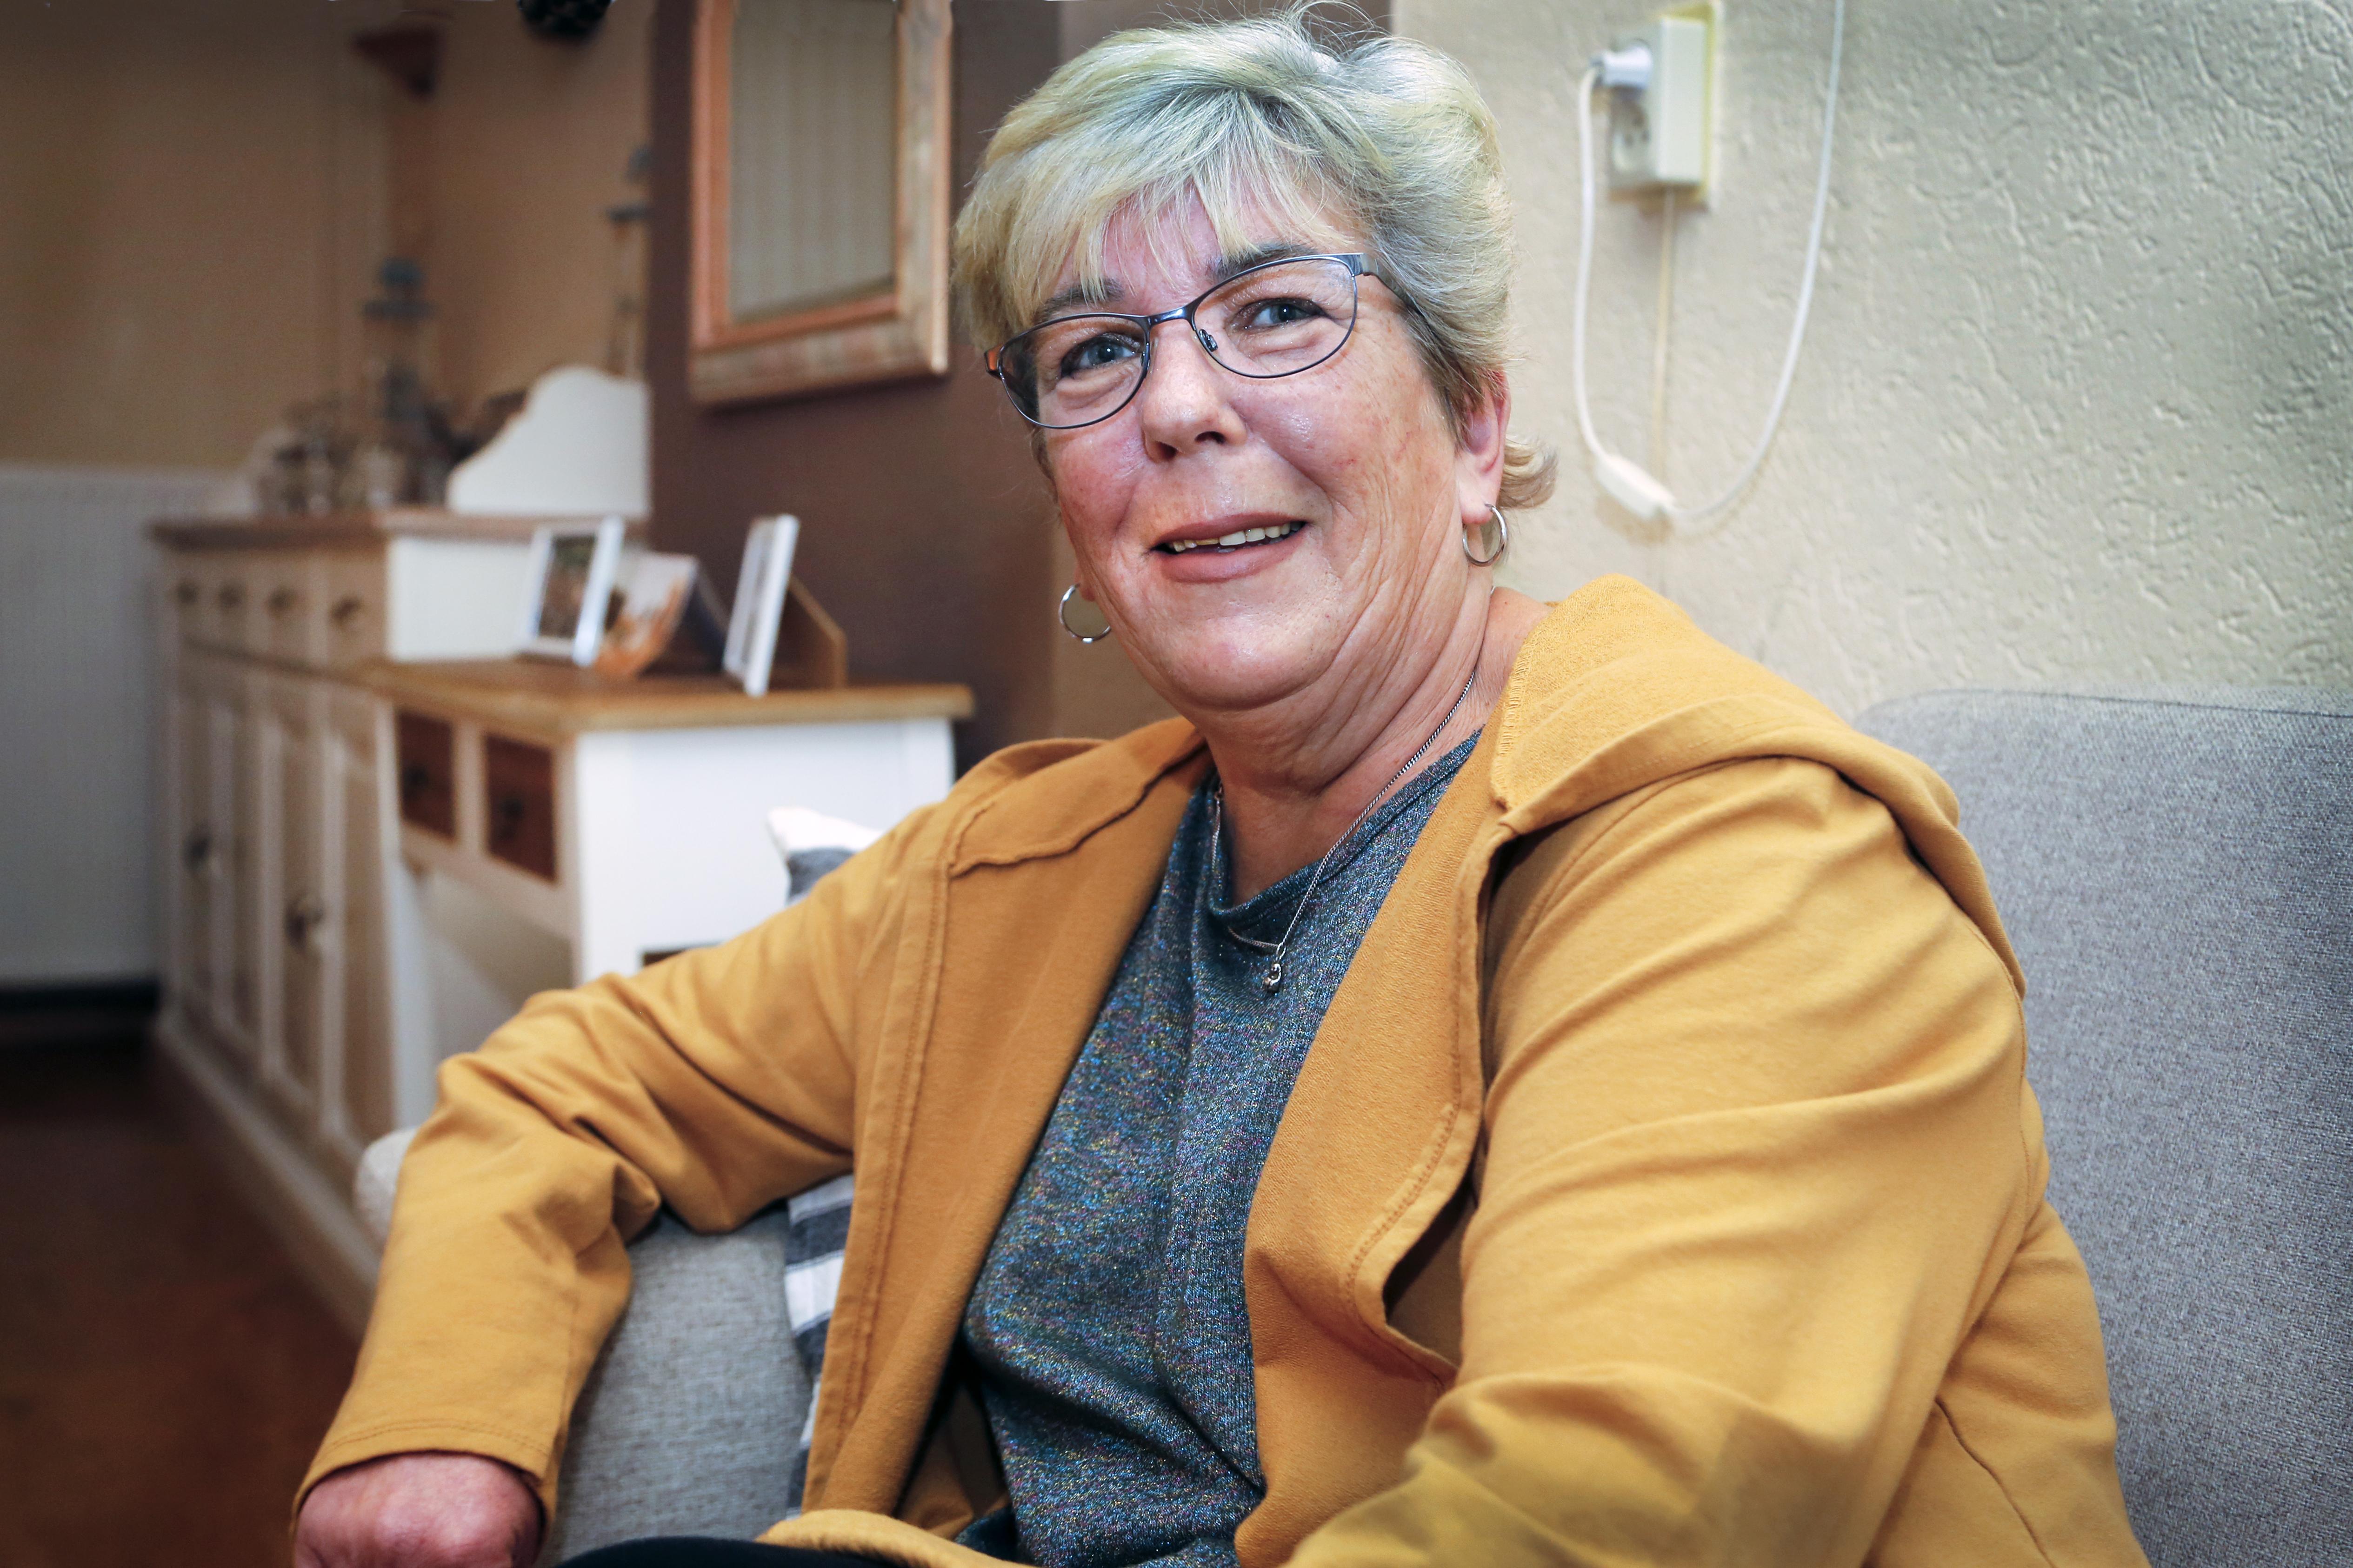 Bedenkster van de naam 'Zeesluis IJmuiden' is trots: 'Ik vind het een goeie naam. Het is precies wat het is'